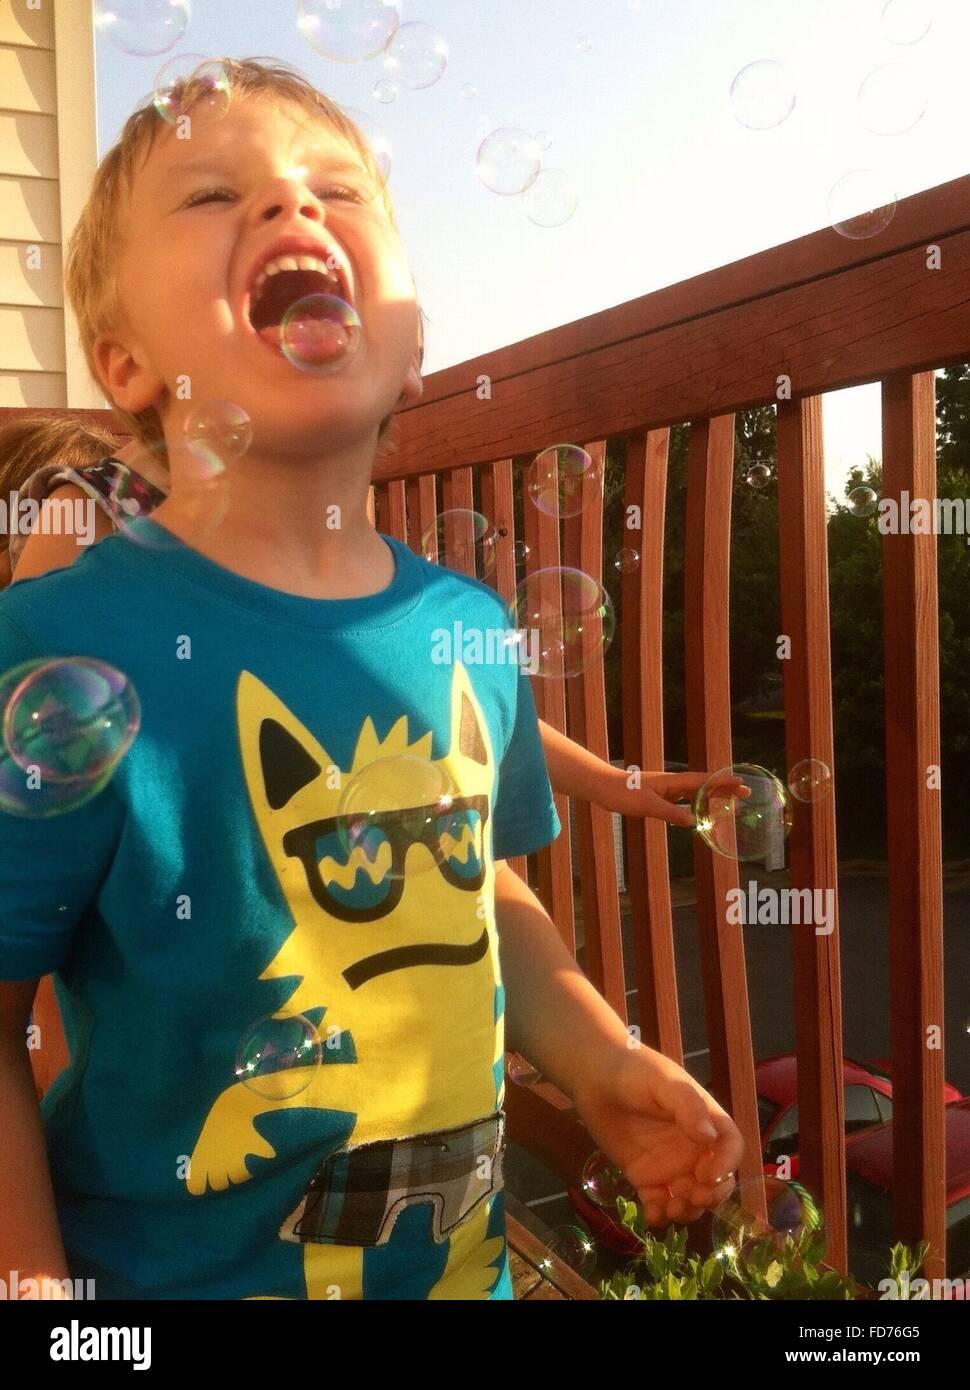 Jungen spielen mit Luftblasen auf Balkon Stockbild